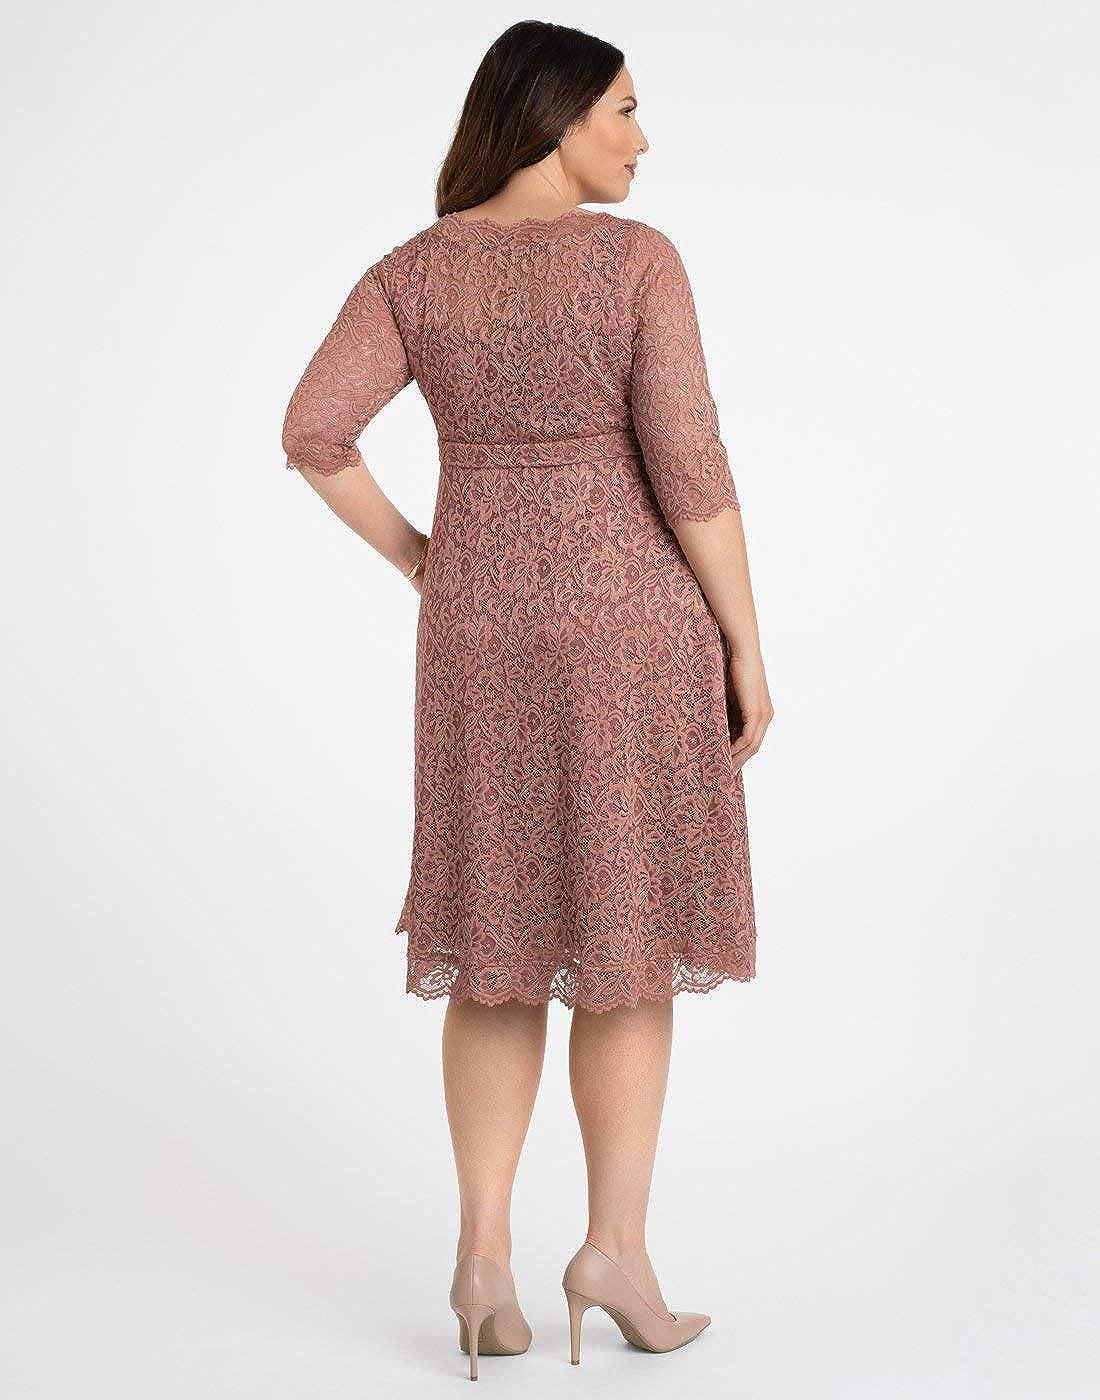 c73aec730de Kiyonna Women s Plus Size Lacey Cocktail Dress Mauve Blush at Amazon  Women s Clothing store